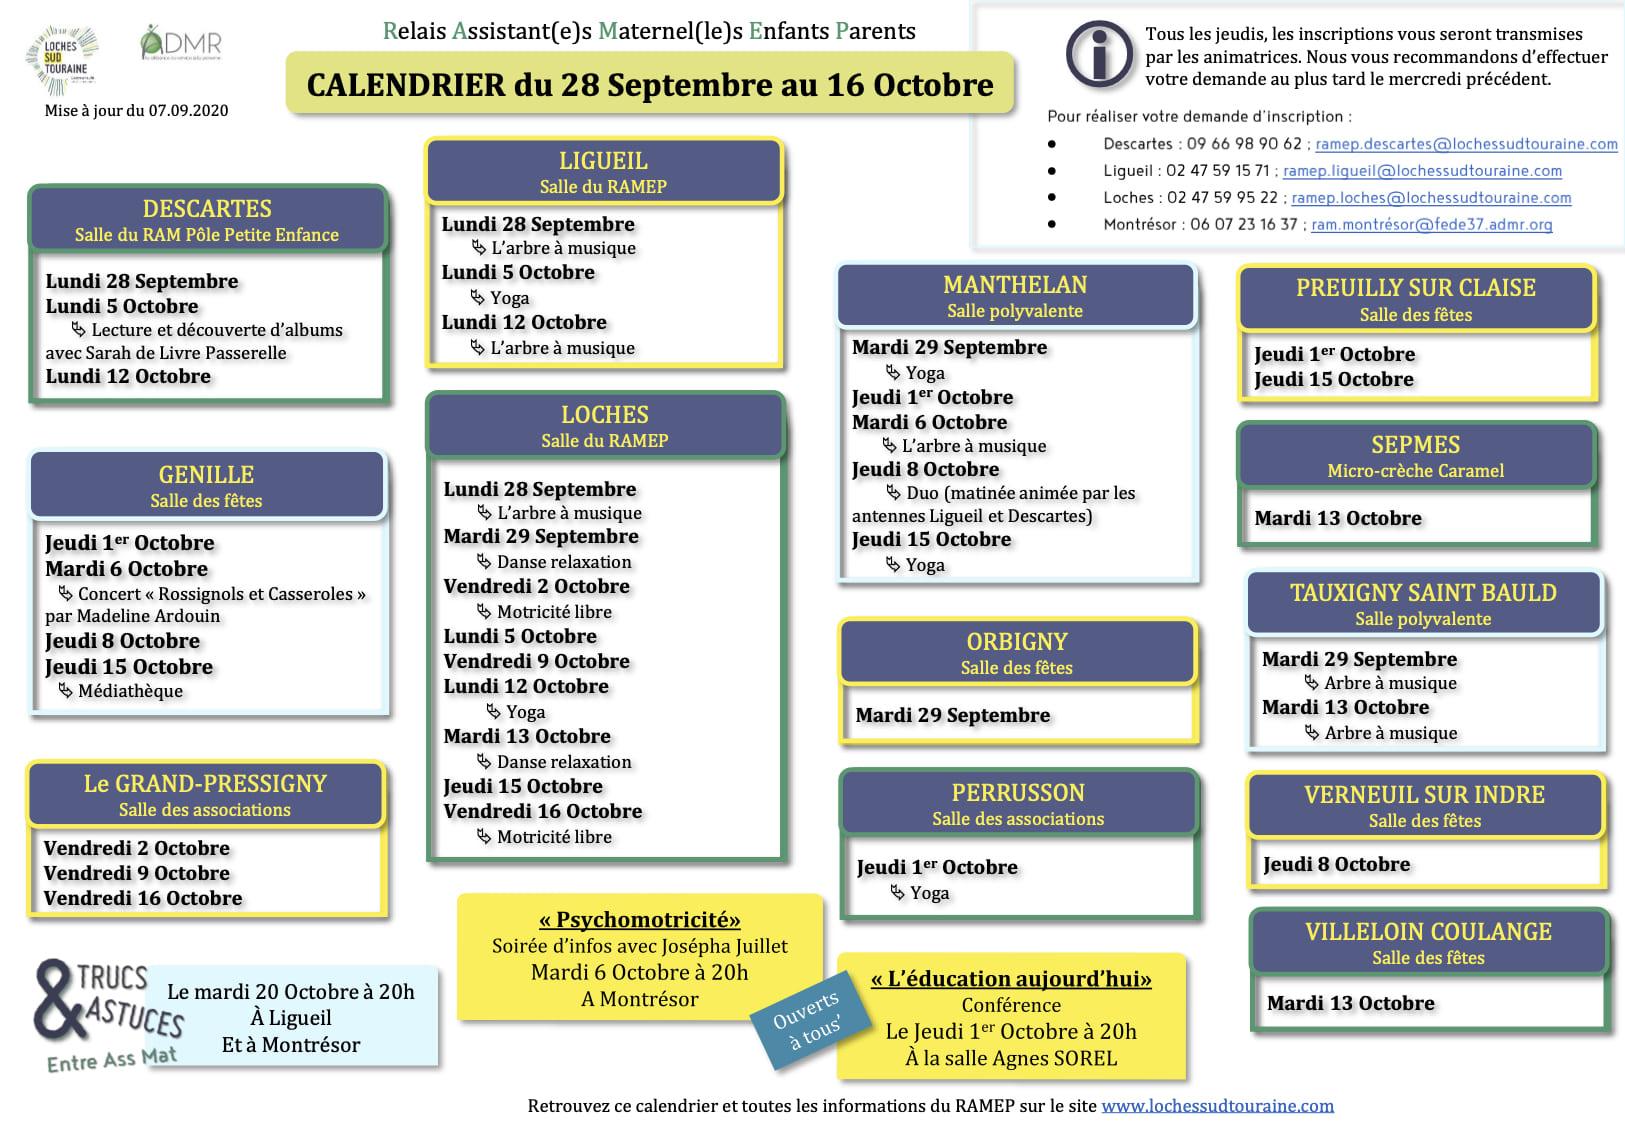 Calendrier 02